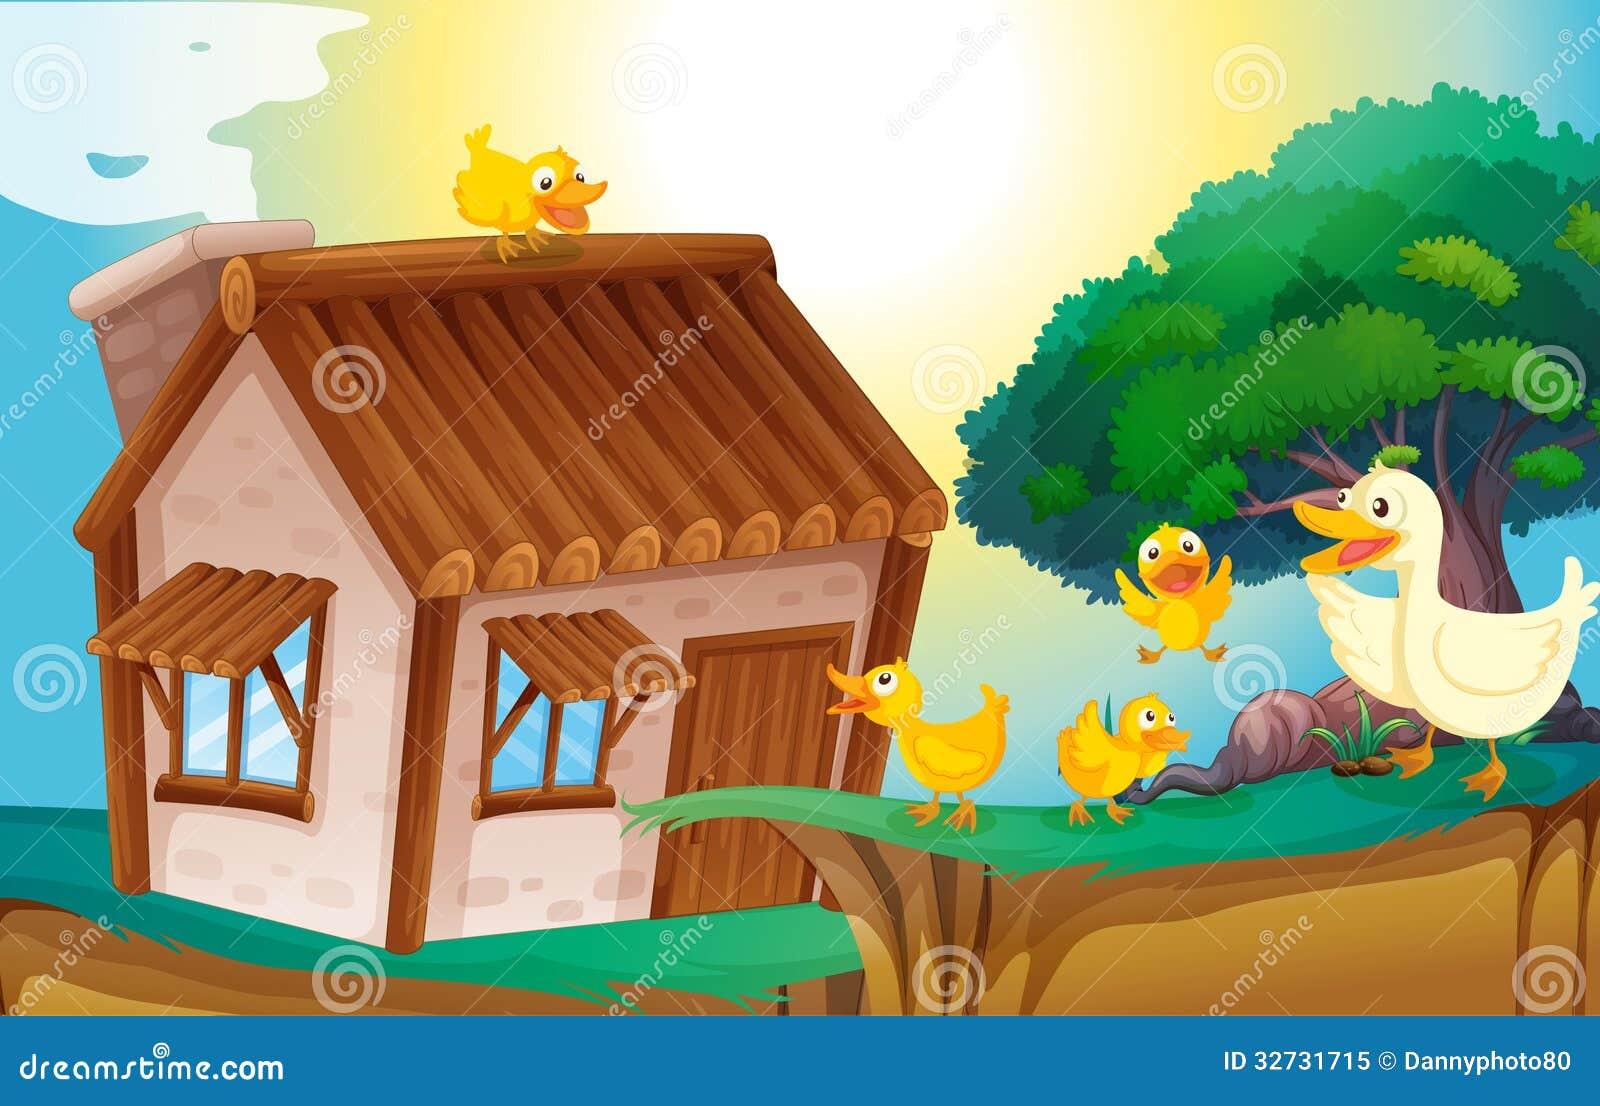 木房子和鸭子